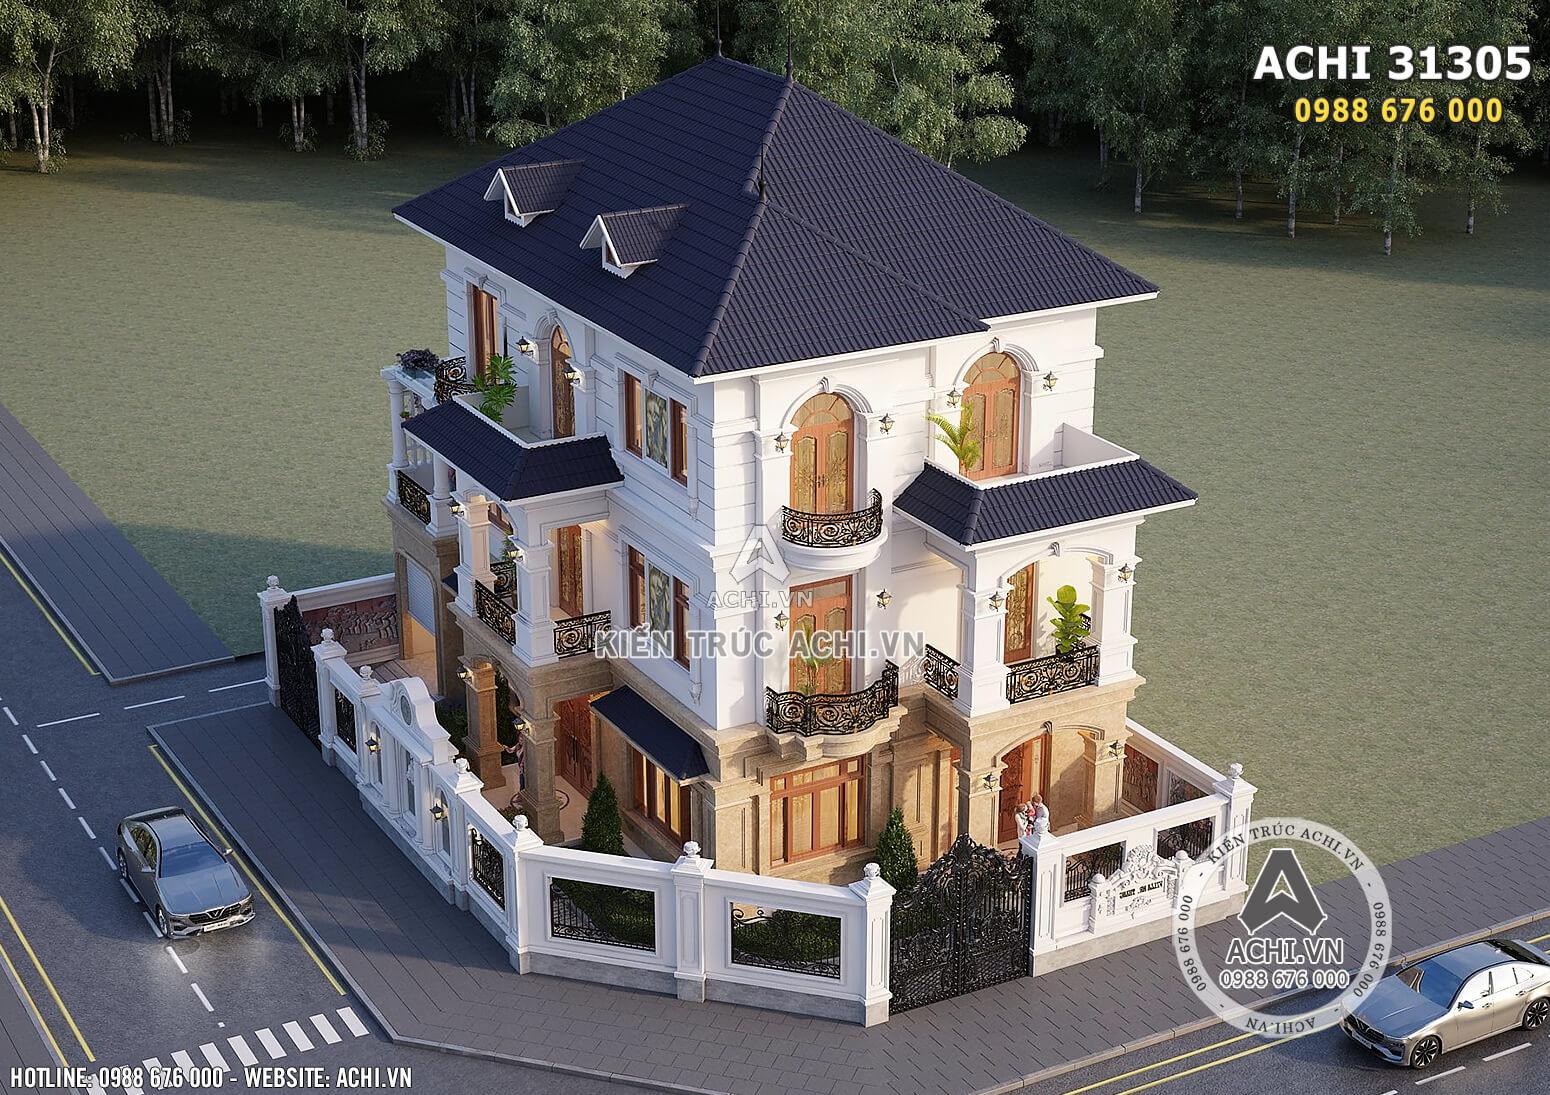 Hình ảnh: Hệ thống mái Thái giúp bố cục căn nhà trở nên ấn tượng hơn